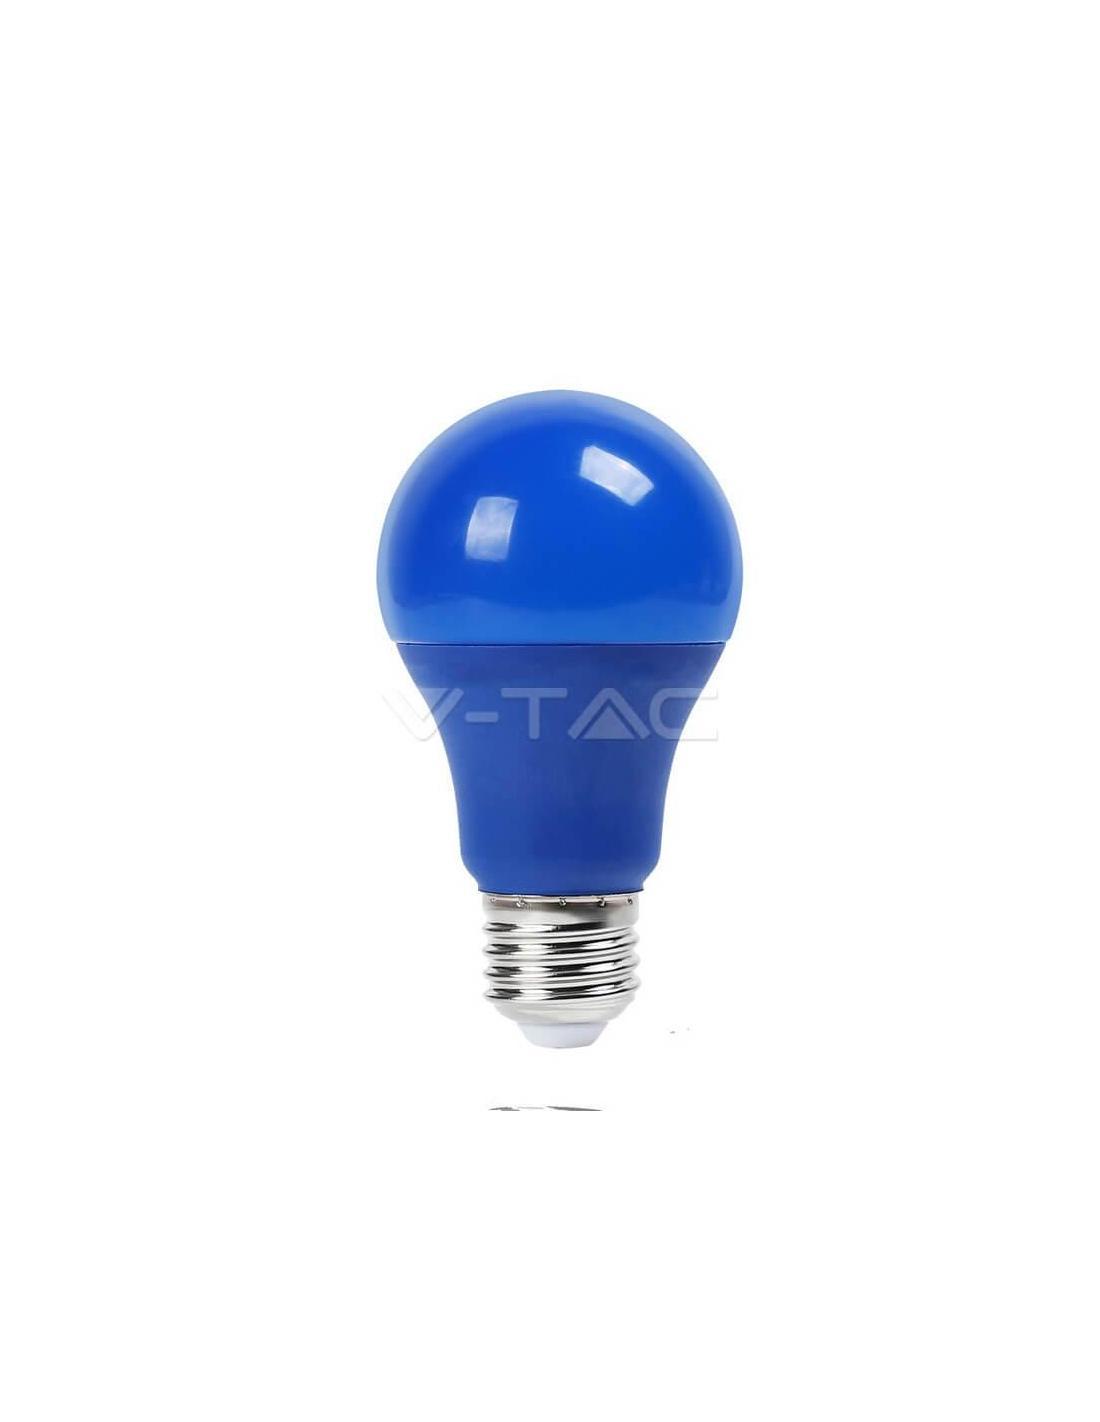 V tac sku7344 lampadina led e27 9w blu for Lampadina led blu